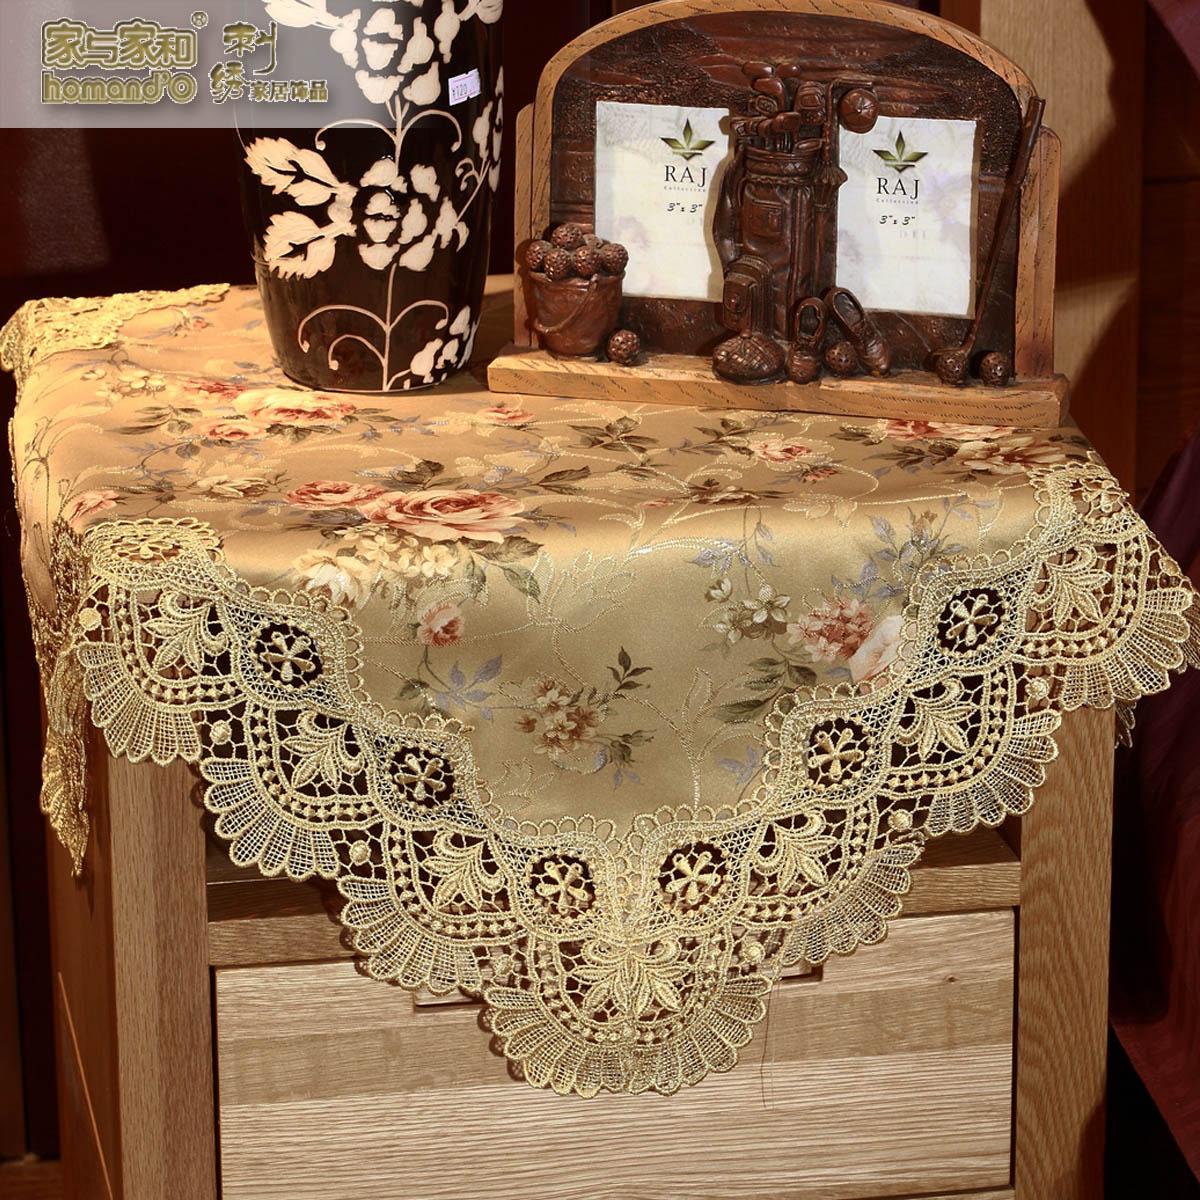 欧式床头柜盖布刺绣盖巾电视洗衣机盖布防尘罩冰箱罩微波炉可定做